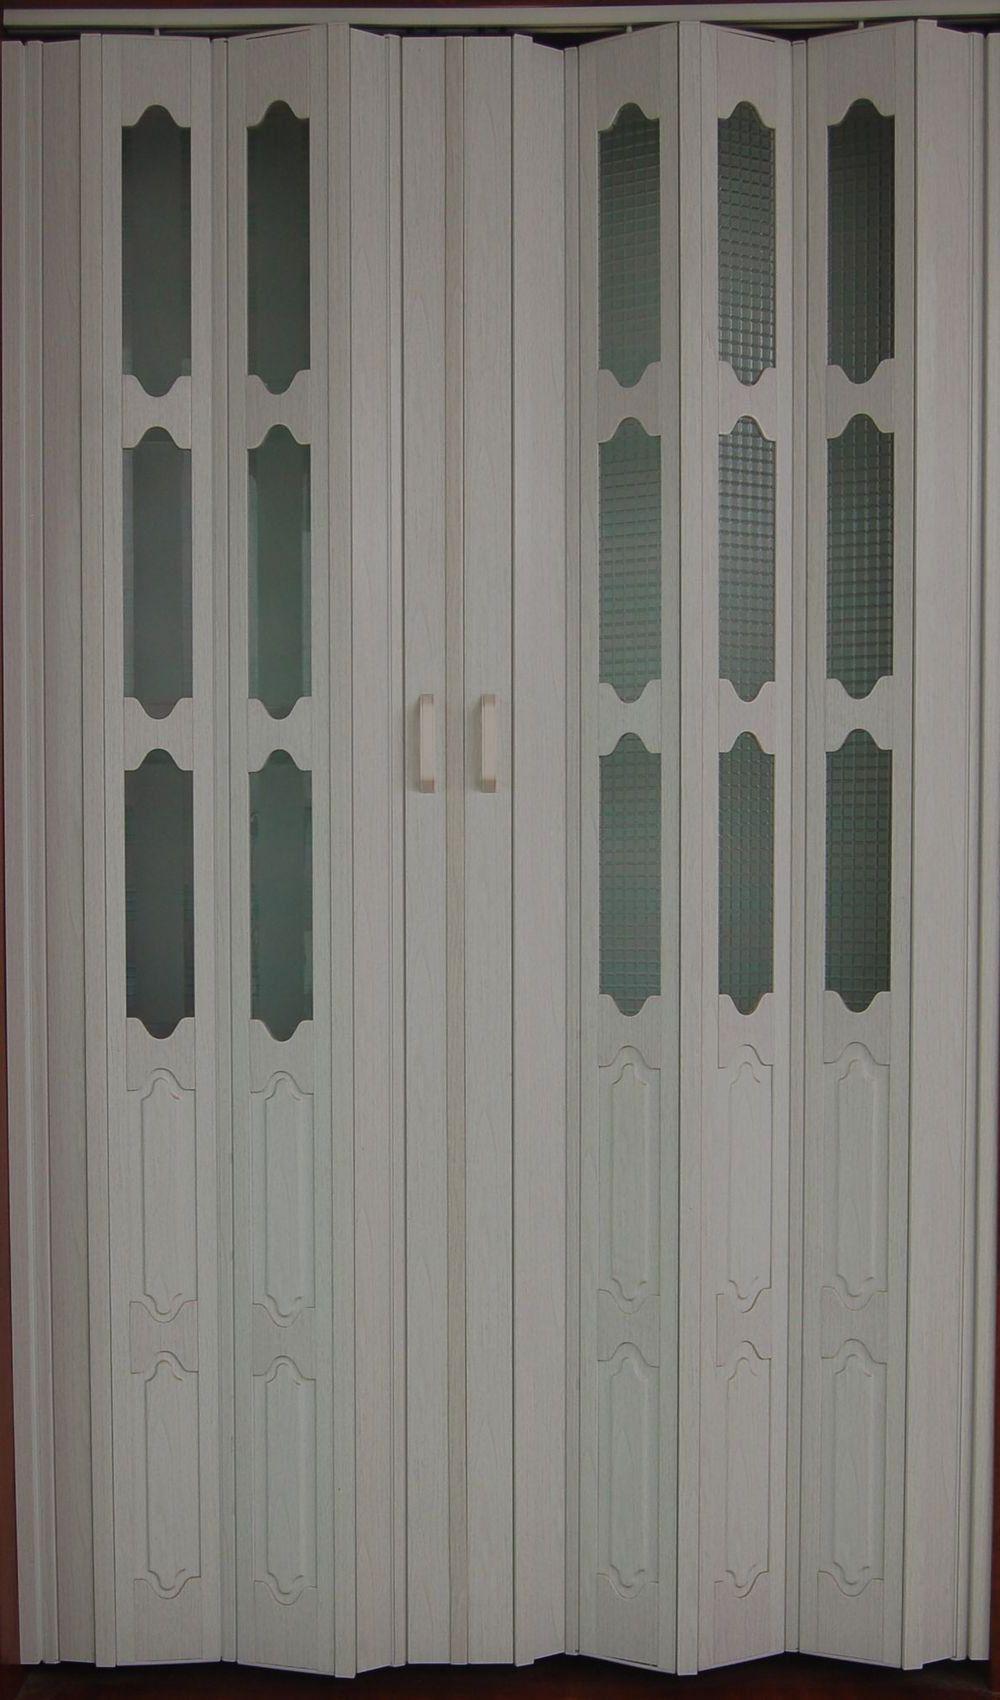 Pvc Door Interior Room Door From Zhejiang Awesome Door: Plastic Sliding Folding Doors Interior